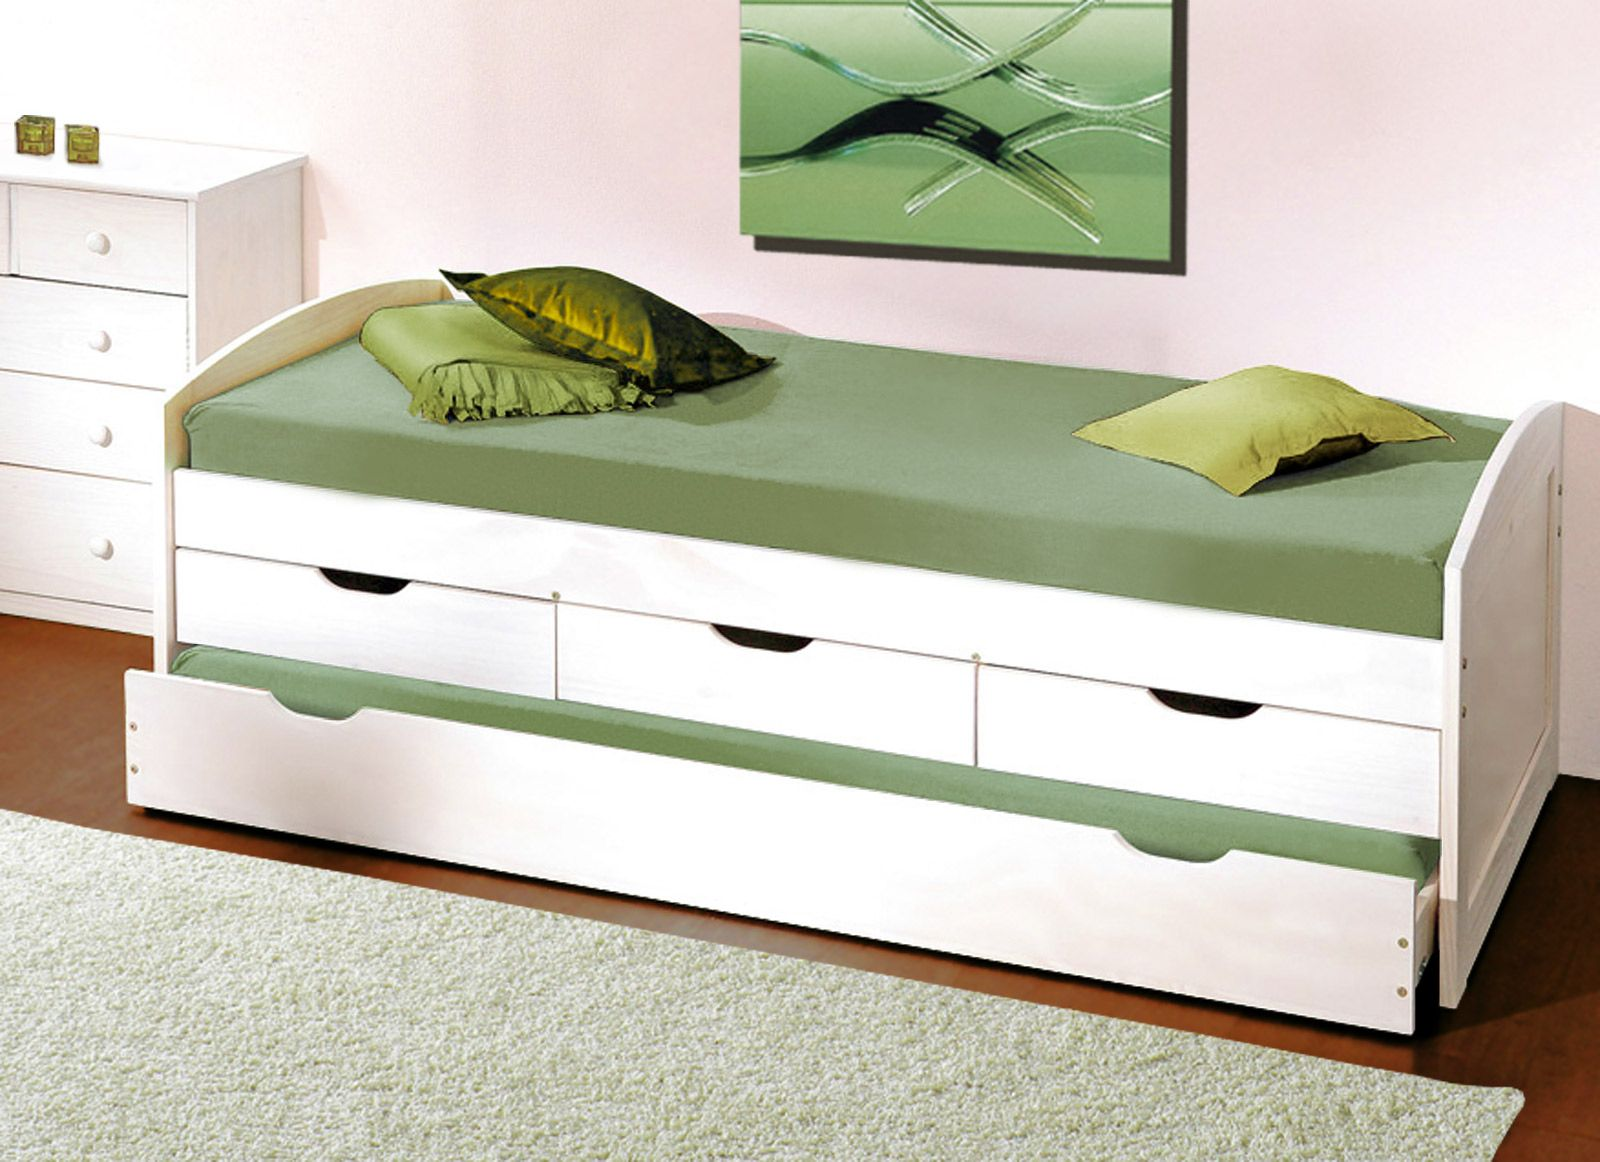 nett bett mit unterbett - Modernes Tagesbett Mit Ausziehbett